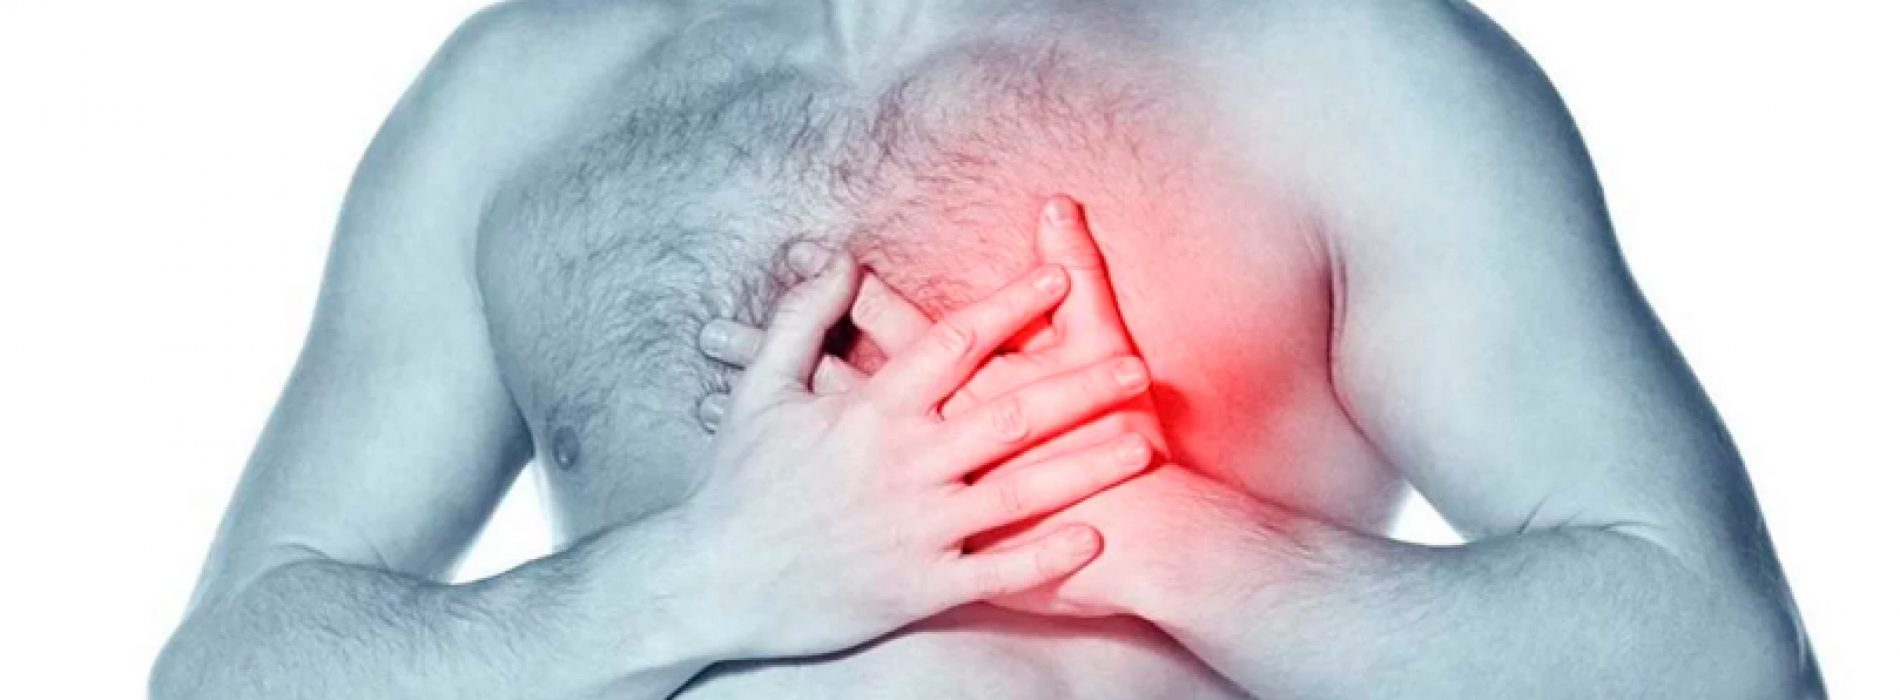 Científicos chilenos descubren cómo se genera nueva forma de insuficiencia cardiaca